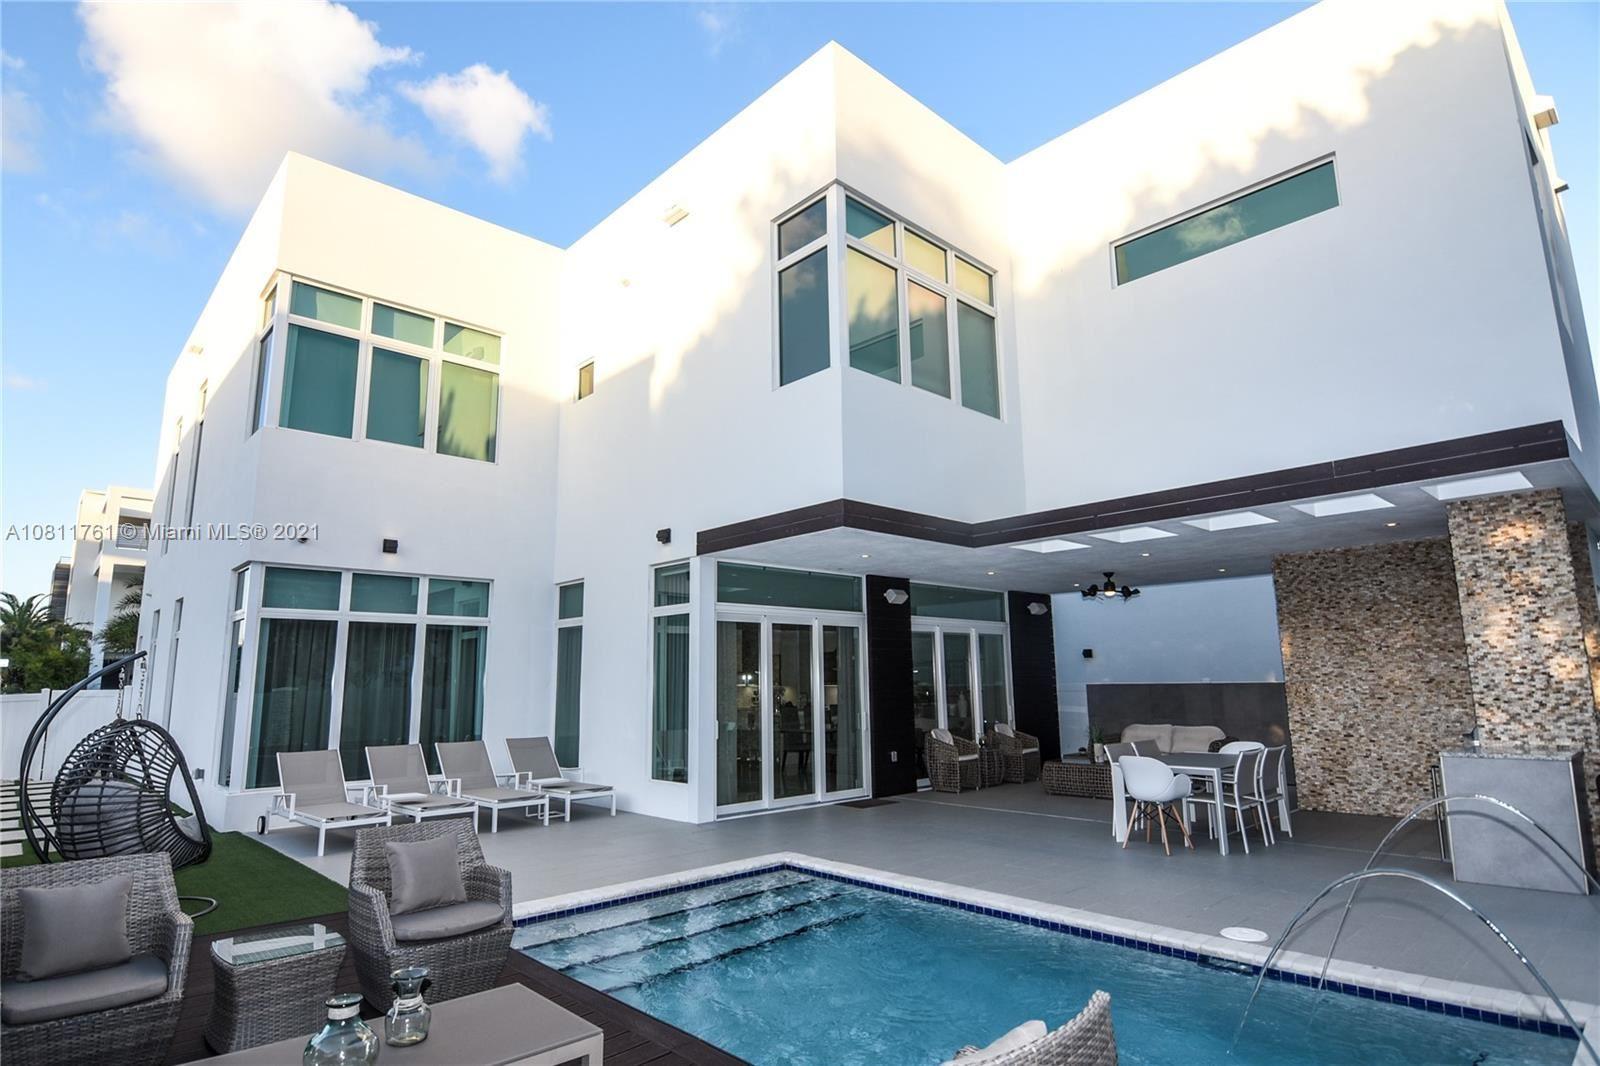 10592 NW 67th Terrace, Doral, FL 33178 - #: A10811761